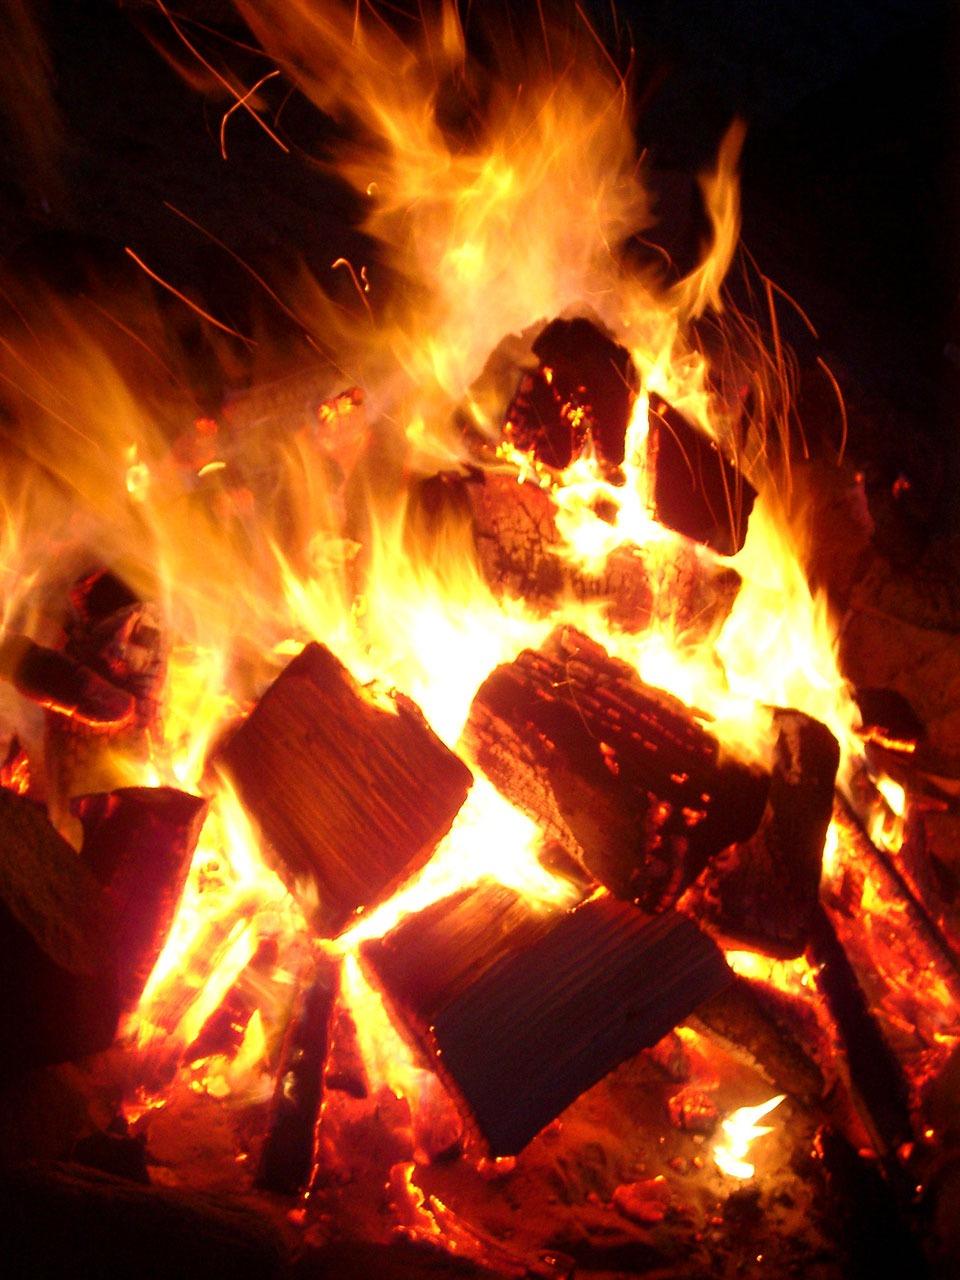 Hình ảnh ngọn lửa than cực đẹp